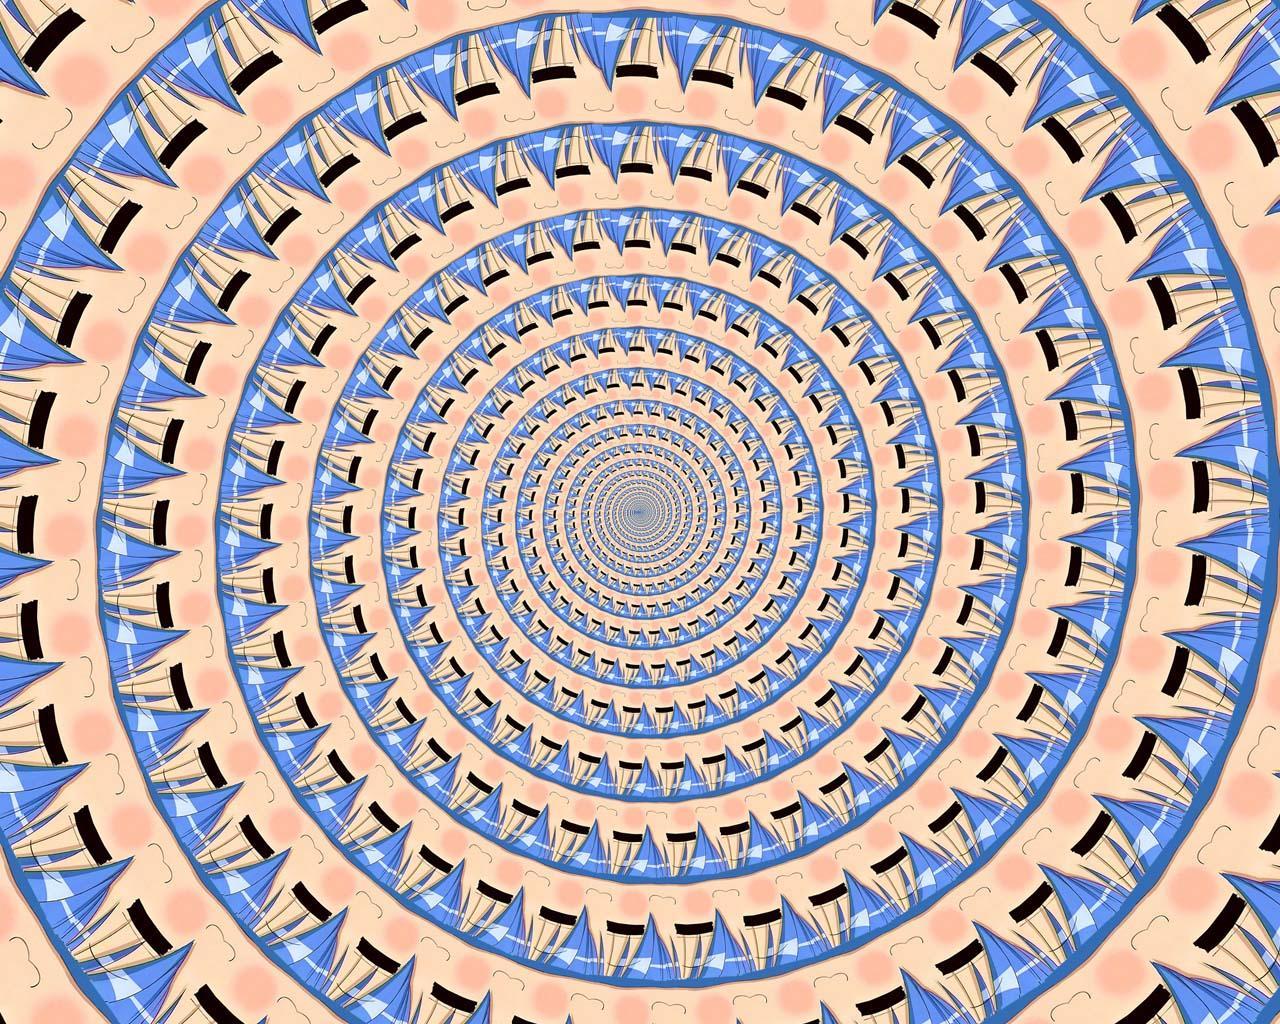 9d1ec91958b8ca4848753cd79661d84a.jpg (1280×1024)